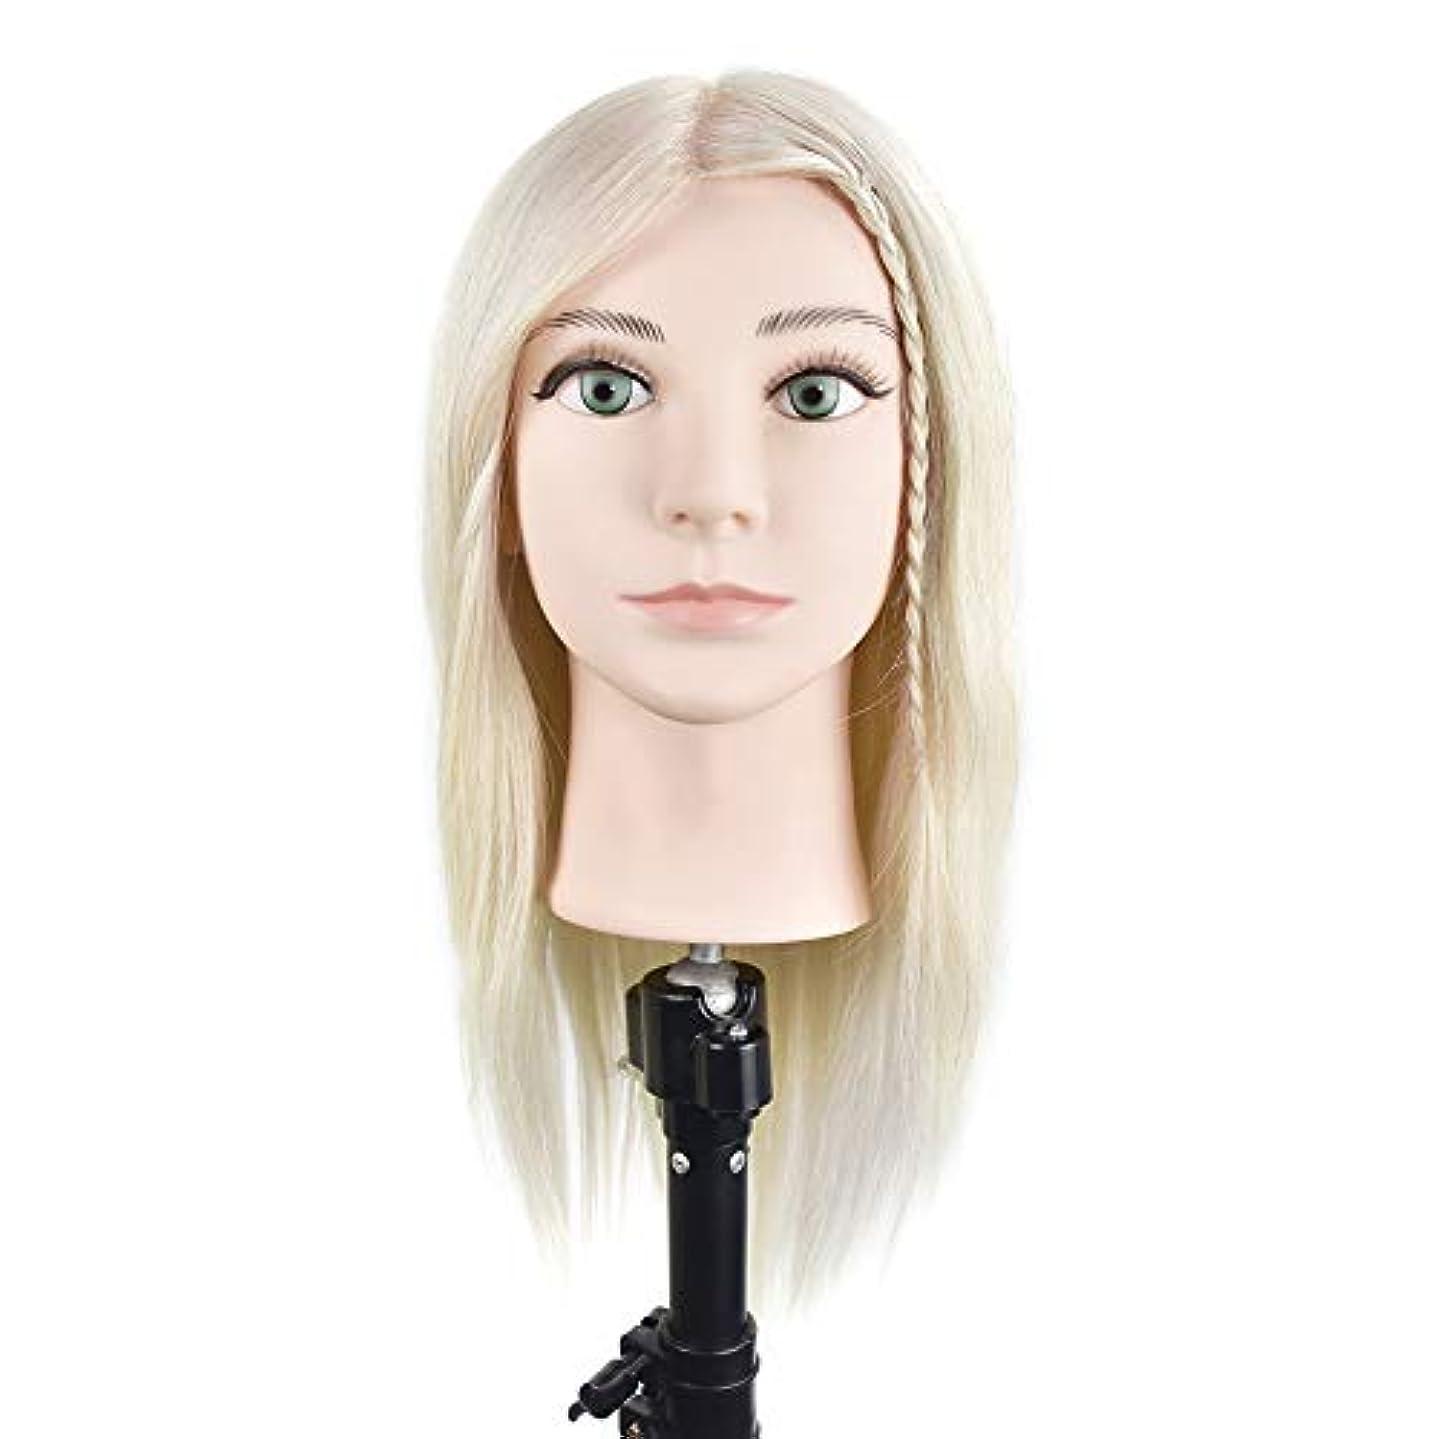 汚物虫を数える支出専門の練習ホット染色漂白はさみモデリングマネキン髪編組髪かつら女性モデルティーチングヘッド